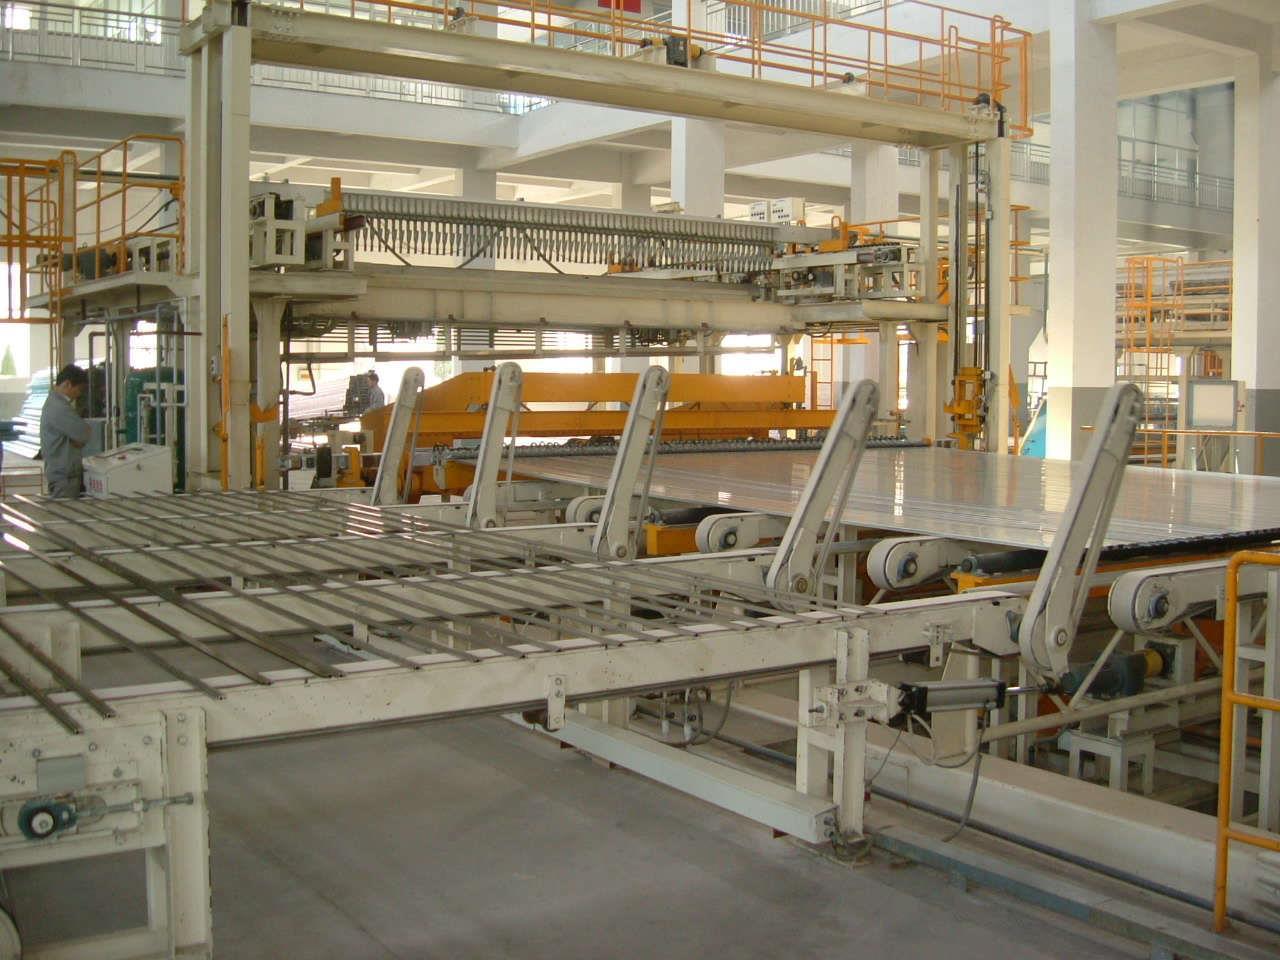 半自动电镀生产线-半自动电镀生产线-2